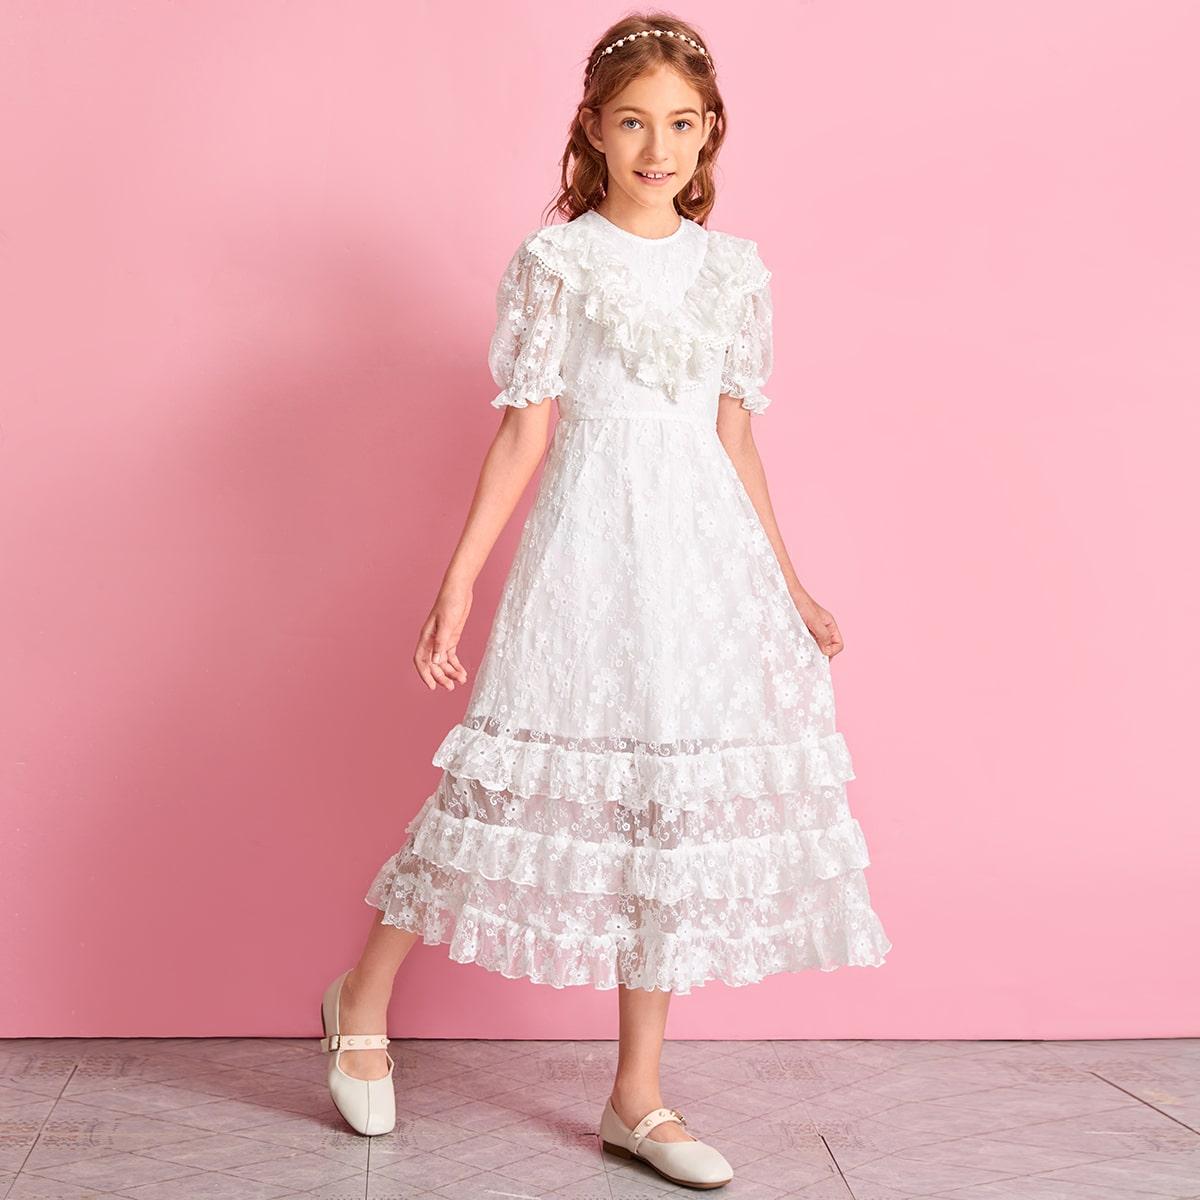 Сетчатое платье с пышными рукавами и вышивкой для девочек фото